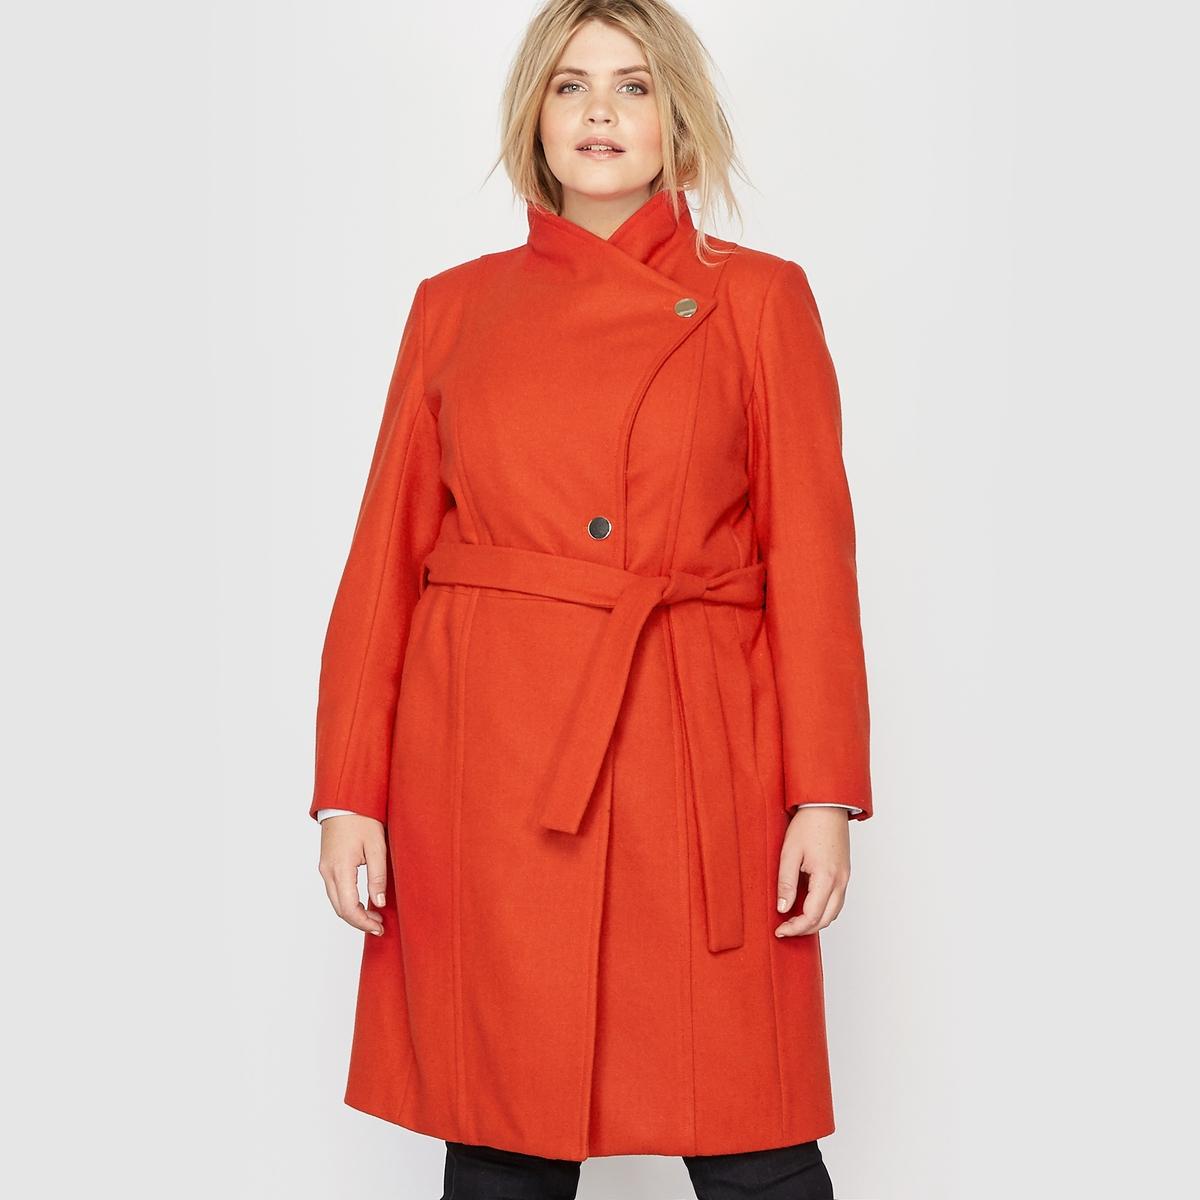 Пальто средней длины, 60% шерстиПальто средней длины. Очень элегантное.Из шерстяного драпа, 60% шерсти высокого качества.Высокий воротник, можно носить с отложным воротником, застежка на пуговицу золотистого цвета.Пальто с застежкой на пуговицу золотистого цвета спереди и пуговицей на воротнике. Съемный пояс со шлевками. 2 кармана в боковых швах.Длинные рукава, 1 пуговица внизу на рукавах.Шлица сзади посередине.Внутренняя отделка с видимой прострочкой. Состав и описание :Материал : Шерстяной драп высокого качества 60% шерсти, 40% полиэстера.Подкладка 100% полиэстер.Длина : 101 см для 42 размера.Марка : CASTALUNAУход : Сухая чистка.<br><br>Цвет: красно-коричневый,серый меланж<br>Размер: 50 (FR) - 56 (RUS).48 (FR) - 54 (RUS).50 (FR) - 56 (RUS).48 (FR) - 54 (RUS)